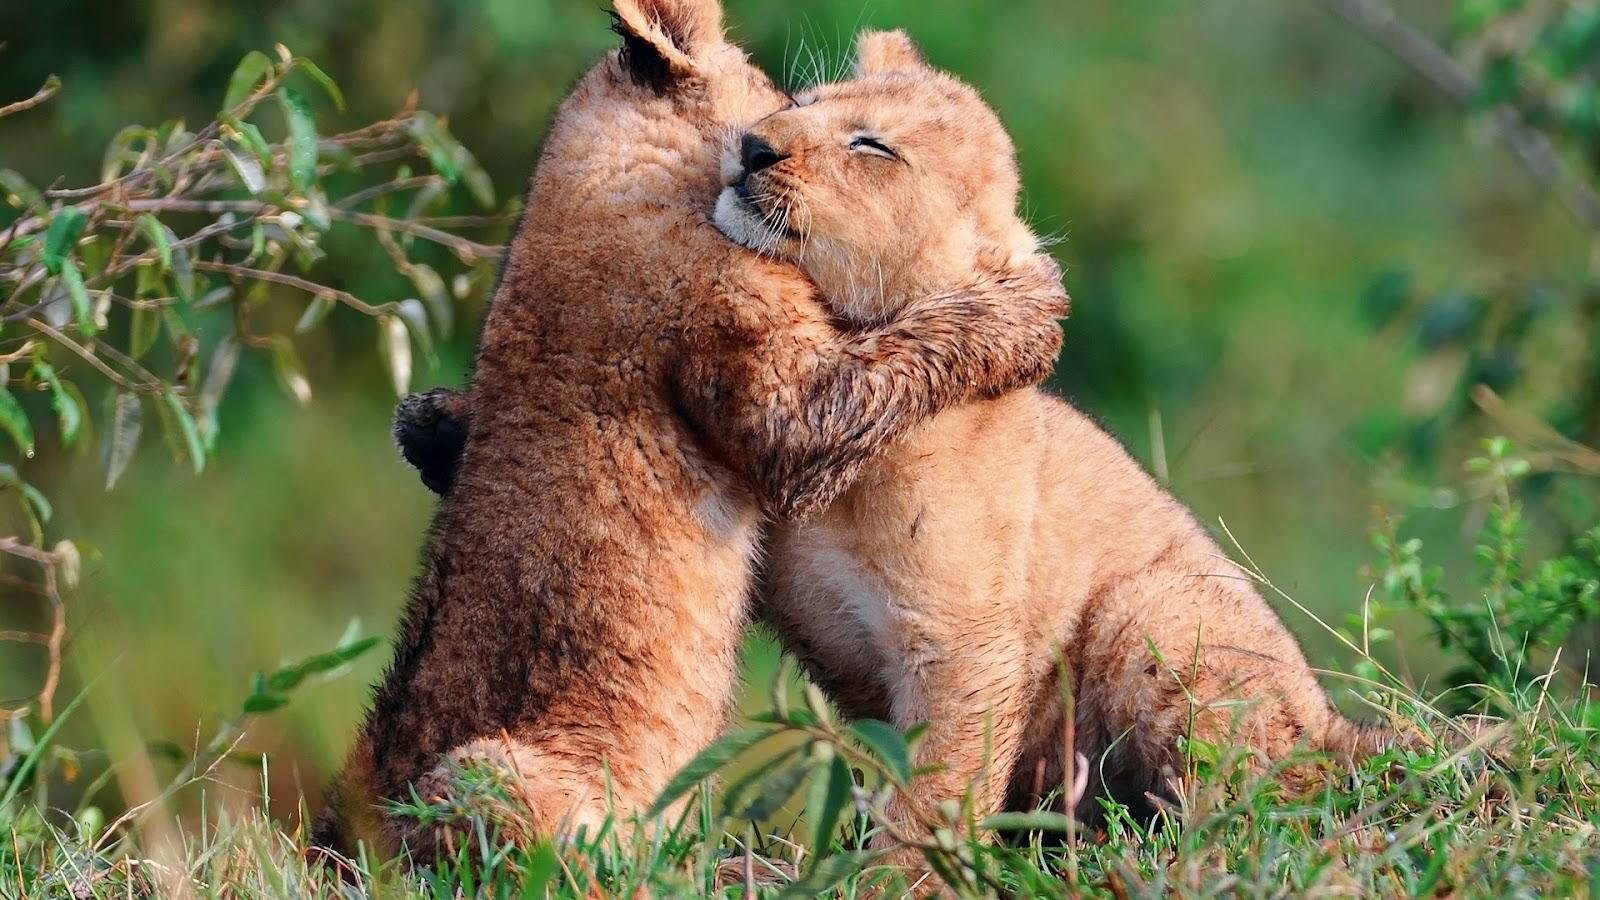 http://4.bp.blogspot.com/-K-BQigzc73k/UCKU8Q5Iv3I/AAAAAAAACkY/V8y0gIVhIps/s1600/baby-lions-hug-wallpaper-1920x1080.jpg